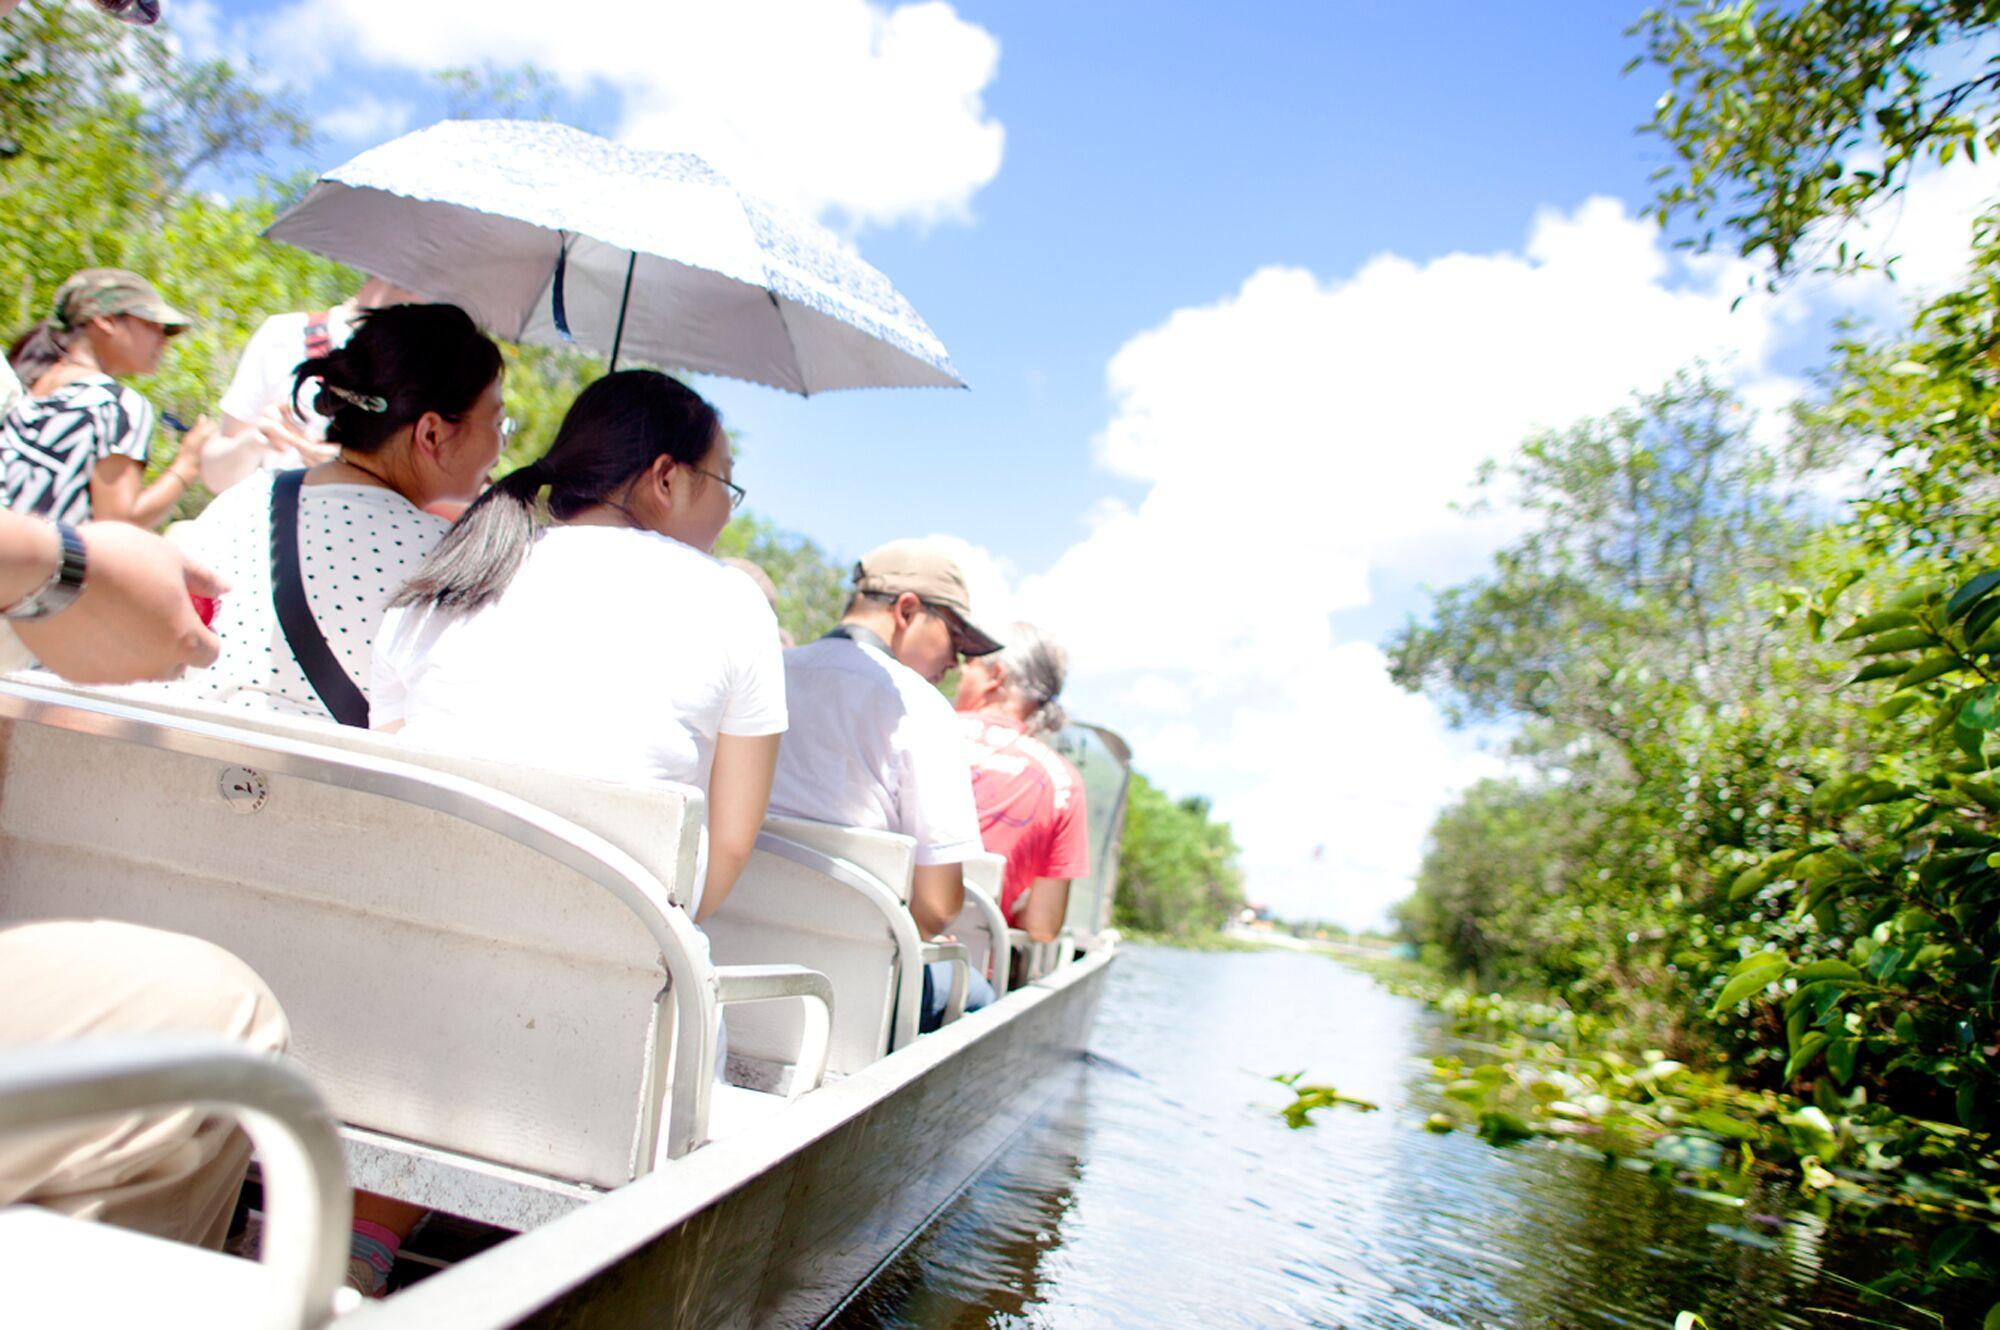 3-everglades-tour-miamitourcompany.jpg